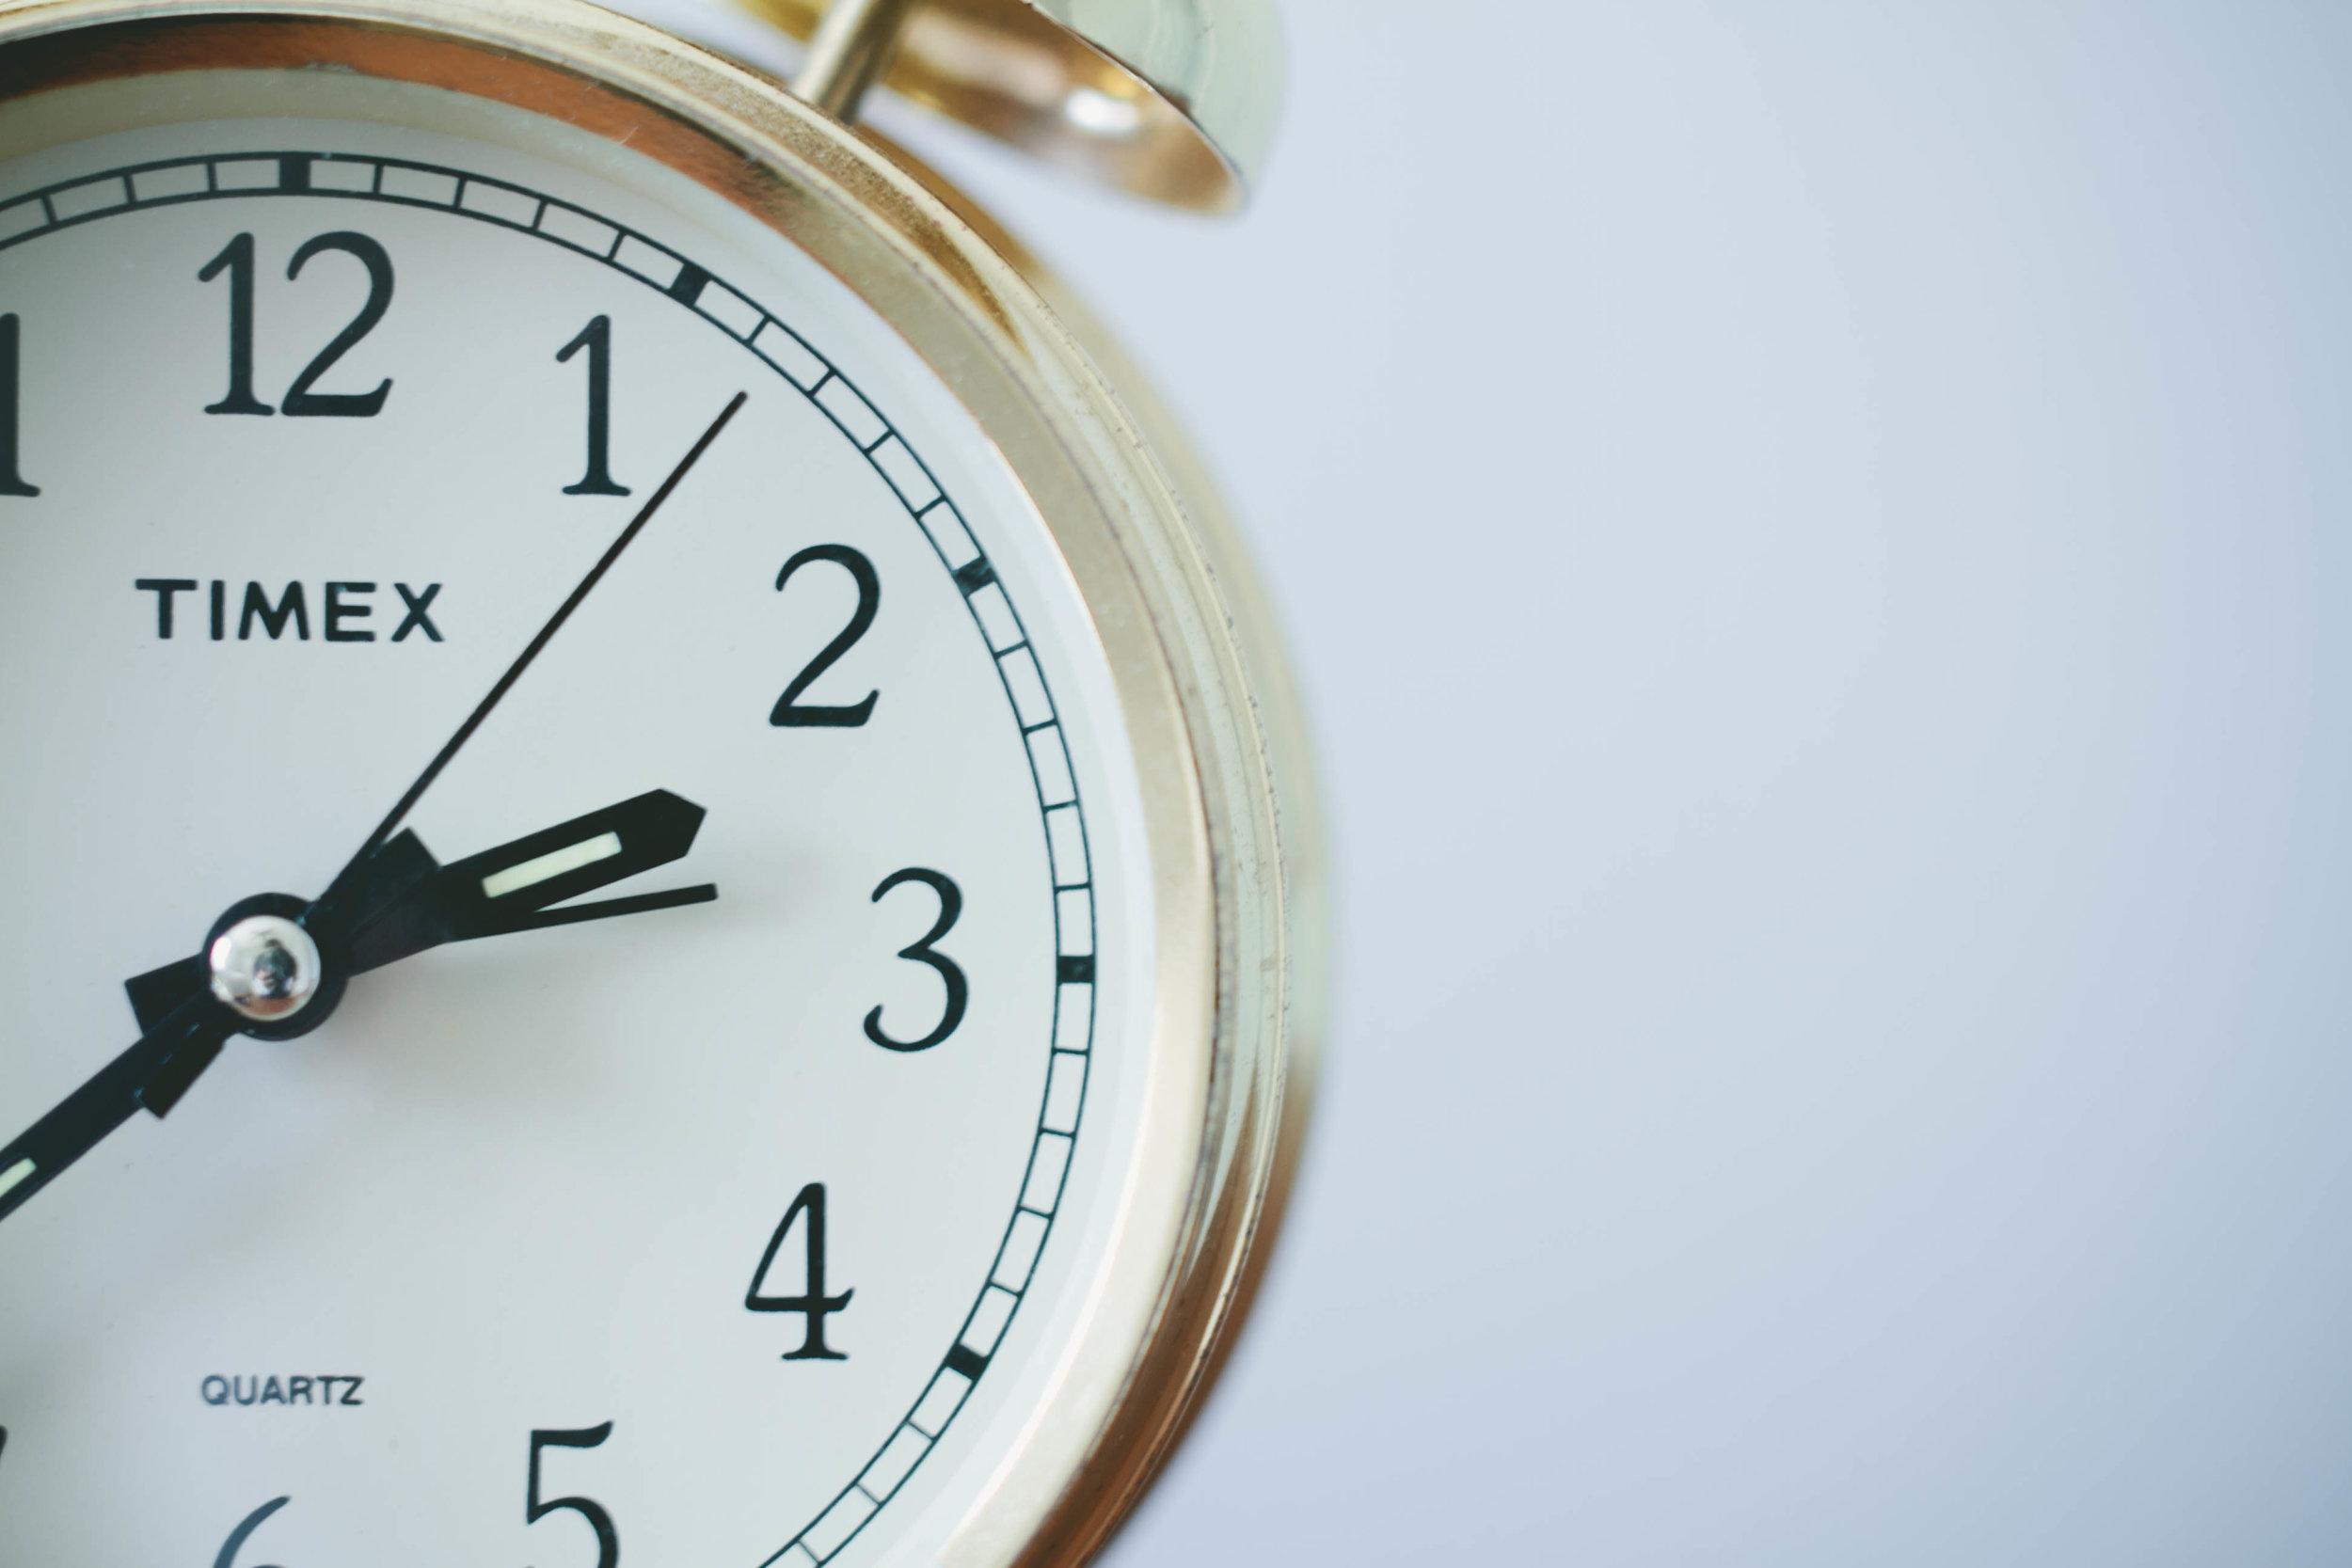 Geen tijd te verliezen - We hebben het allemaal druk en deadlines hijgen in onze nek. Een systeem dat niet meewerkt, kost je veel te veel tijd. En tijd is geld. Hoe vervelend is het als je bij je klant zit en je die belangrijke presentatie niet kan openen? Of als je een telefoontje hebt en je niet bij de laatste informatie kan? Nog erger: als je de deadline mist… Dat kost je klanten en geld. Een goed supportteam levert je dus eigenlijk simpelweg geld op. Jouw supportmedewerkers zijn al aan de slag voordat ze de hoorn erop hebben gelegd. Want zij willen bijna nog liever dan jij dat je die prachtige deal sluit. De supportmedewerkers zijn ook nog eens lekker assertief. Ze nemen graag de leiding in het gesprek, zodat ze zo snel mogelijk duidelijk hebben wat er precies aan de hand is én wat de allerbeste en -snelste oplossing is.